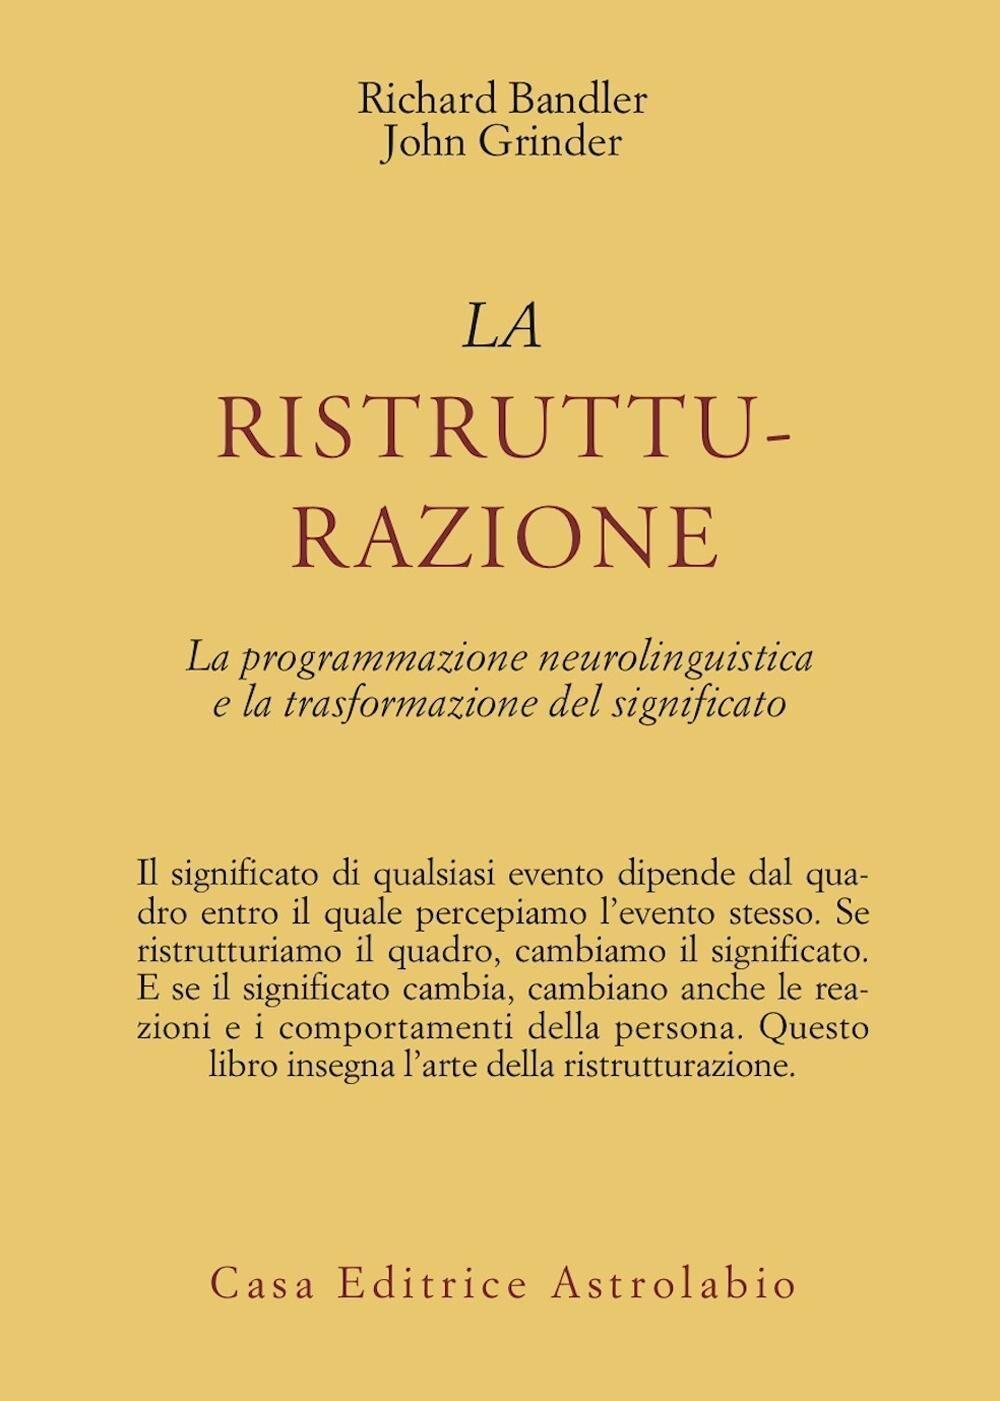 La ristrutturazione. La programmazione neurolinguistica e la trasformazione del significato